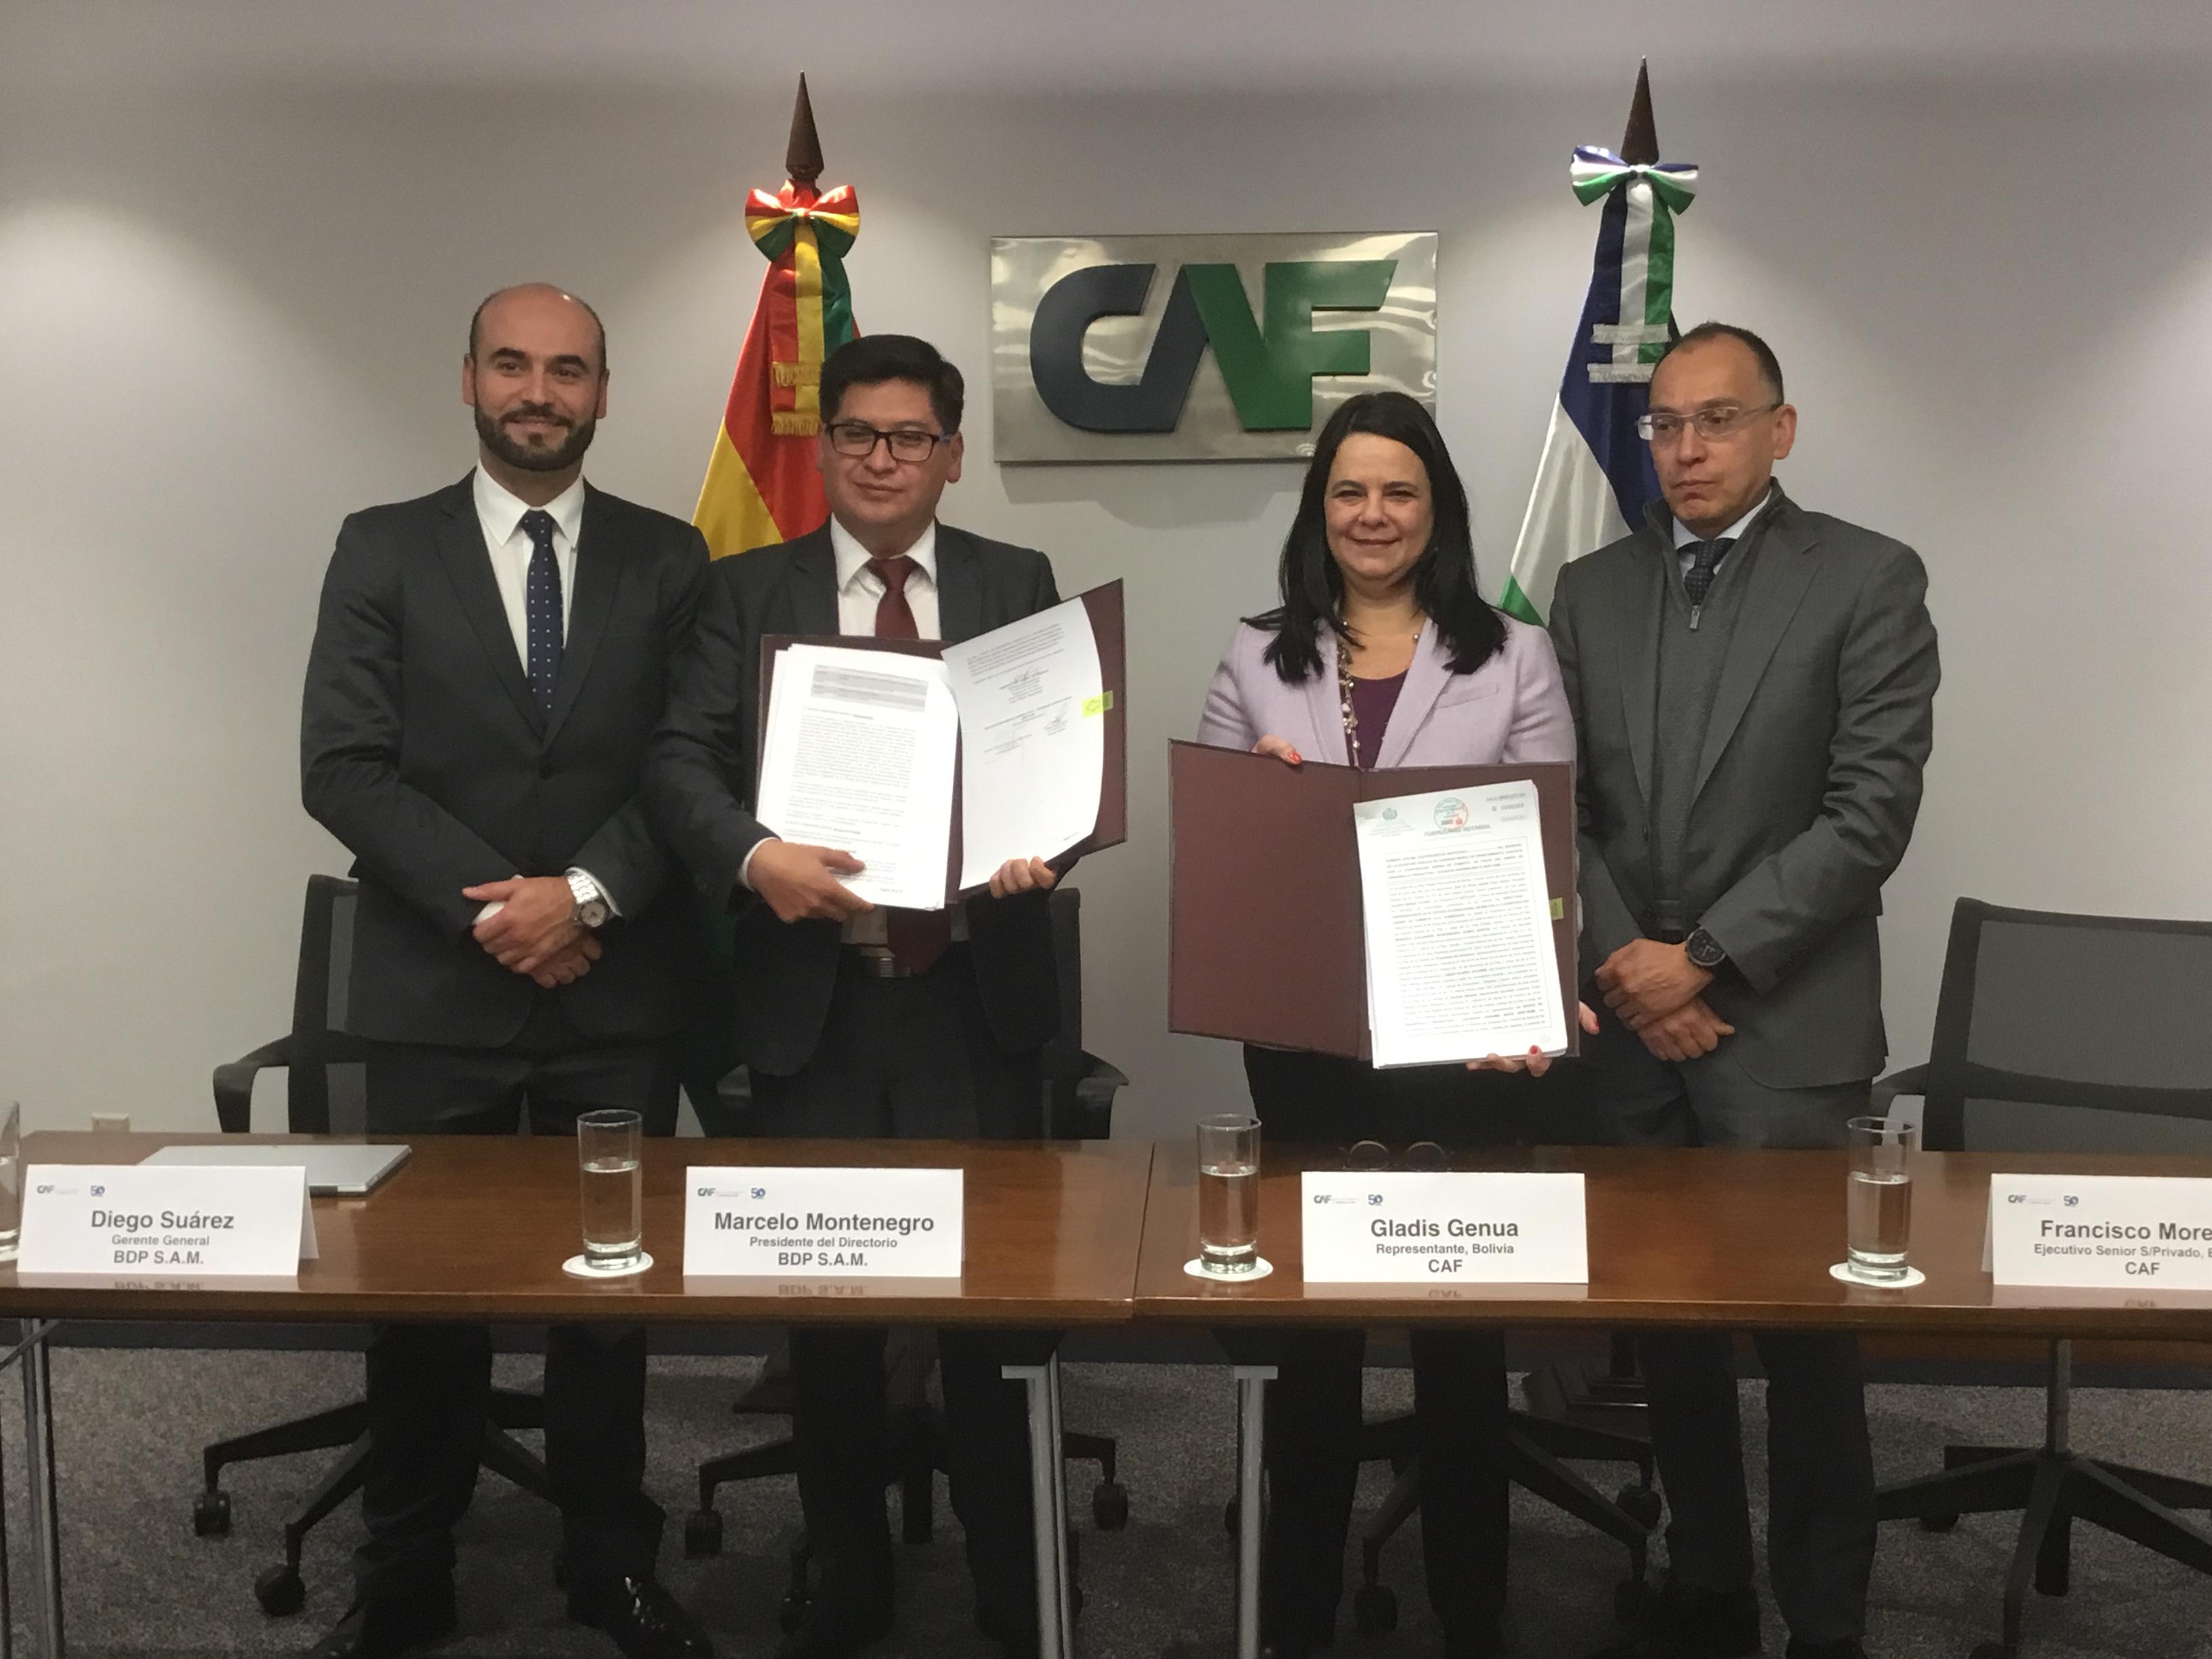 CAF aprueba línea de crédito de hasta USD 10 millones para fortalecer al Banco de Desarrollo Productivo de Bolivia